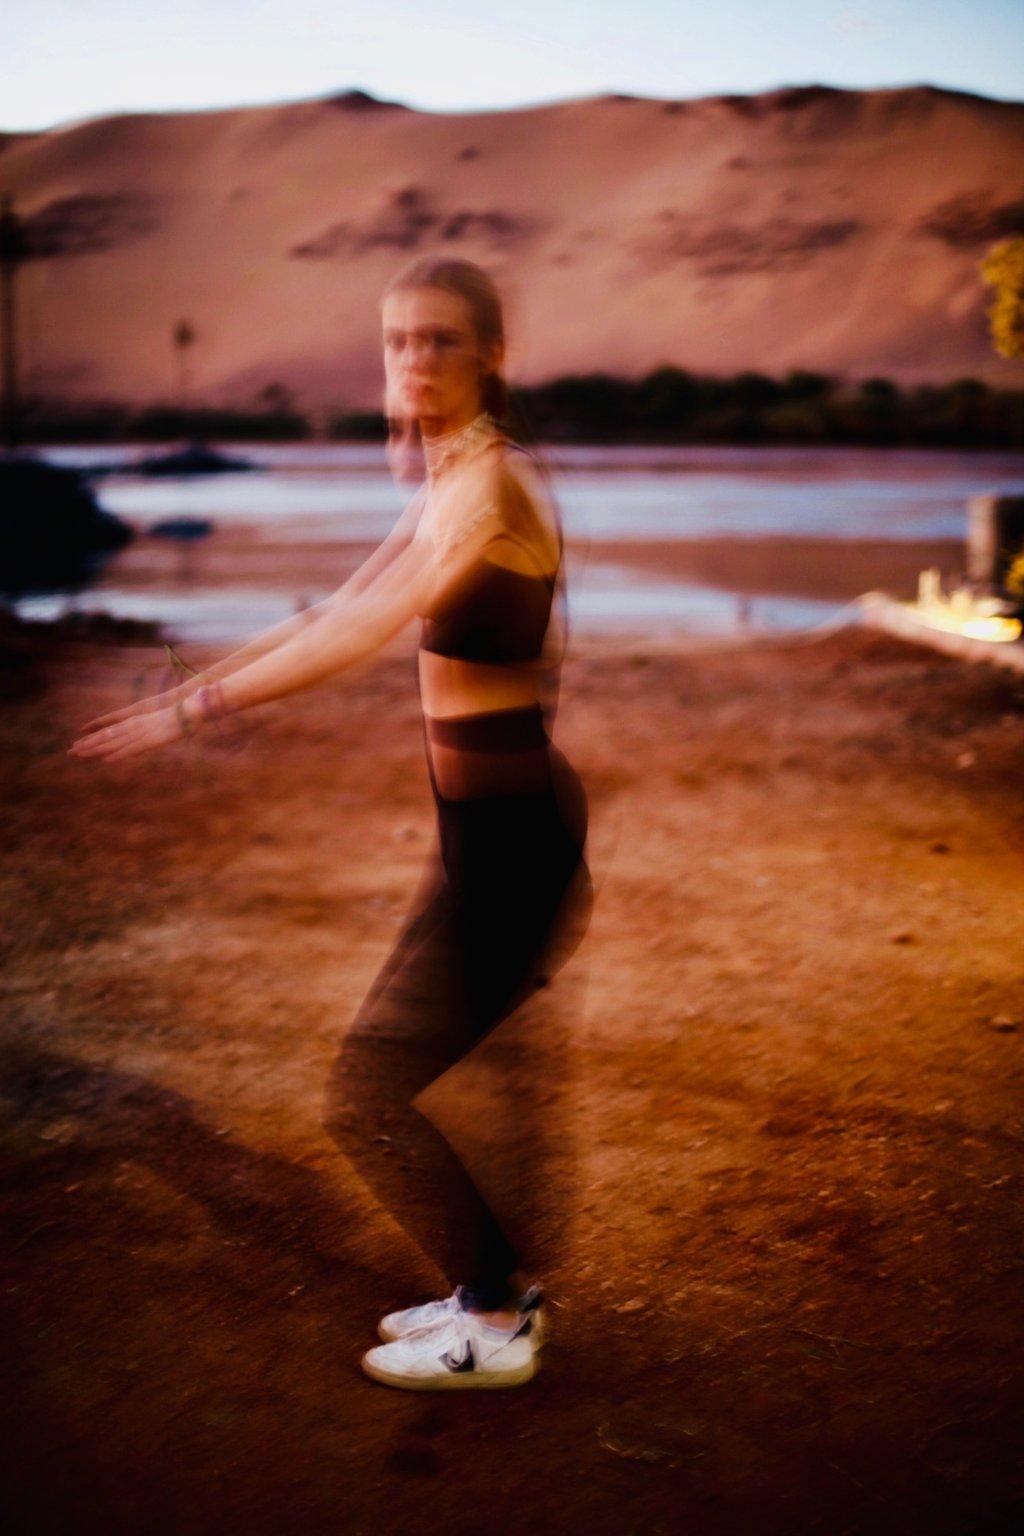 Femme qui fait une traction , l'image est flou , elle porte une tenue de la marque AZ/AR